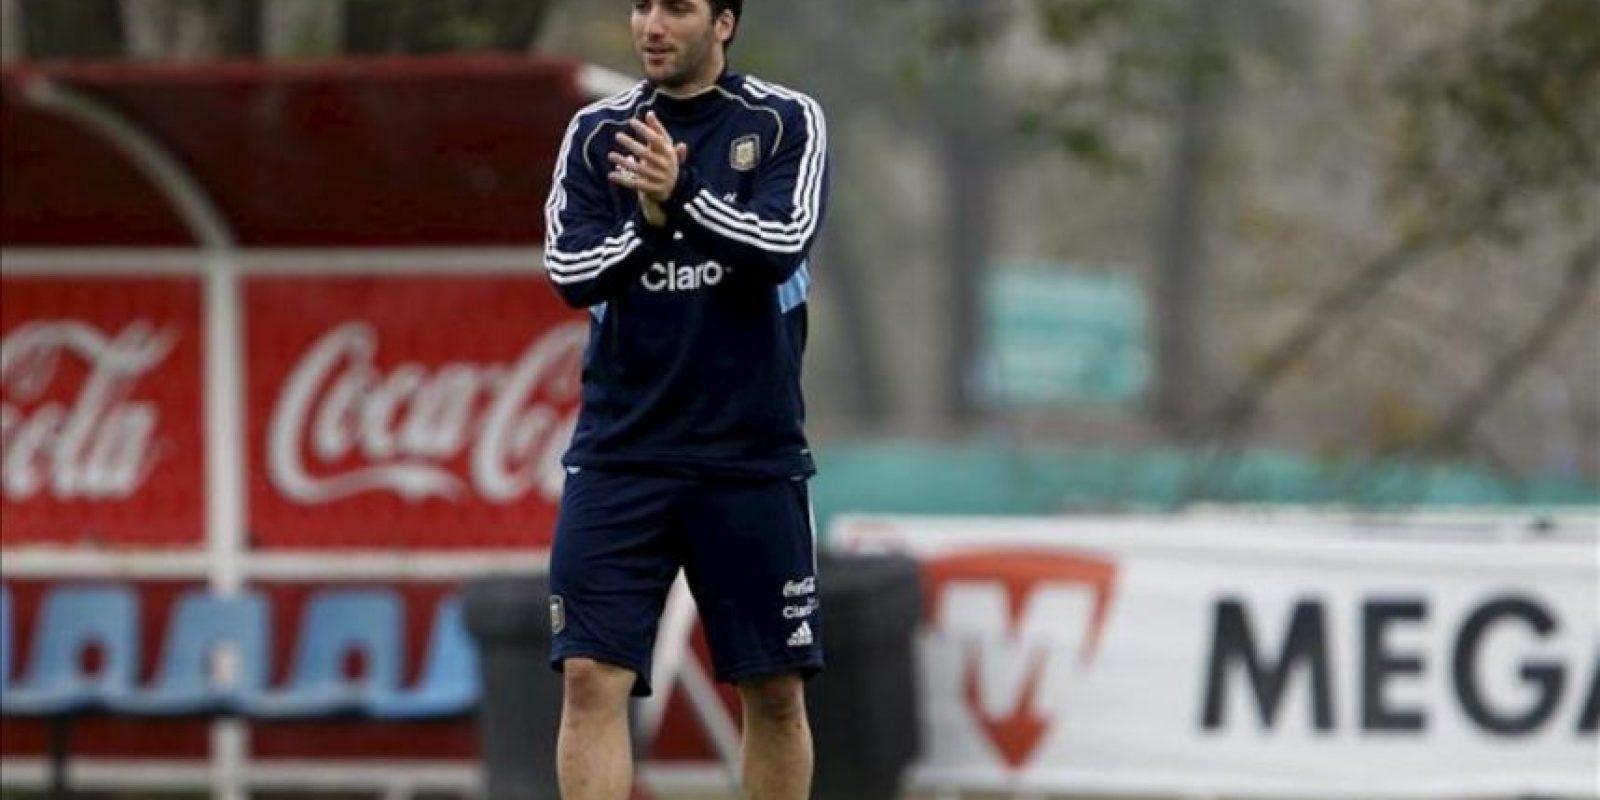 El jugador de la selección argentina de fútbol Gonzalo Higuaín participa este 25 de mayo en un entrenamiento en Buenos Aires (Argentina). EFE